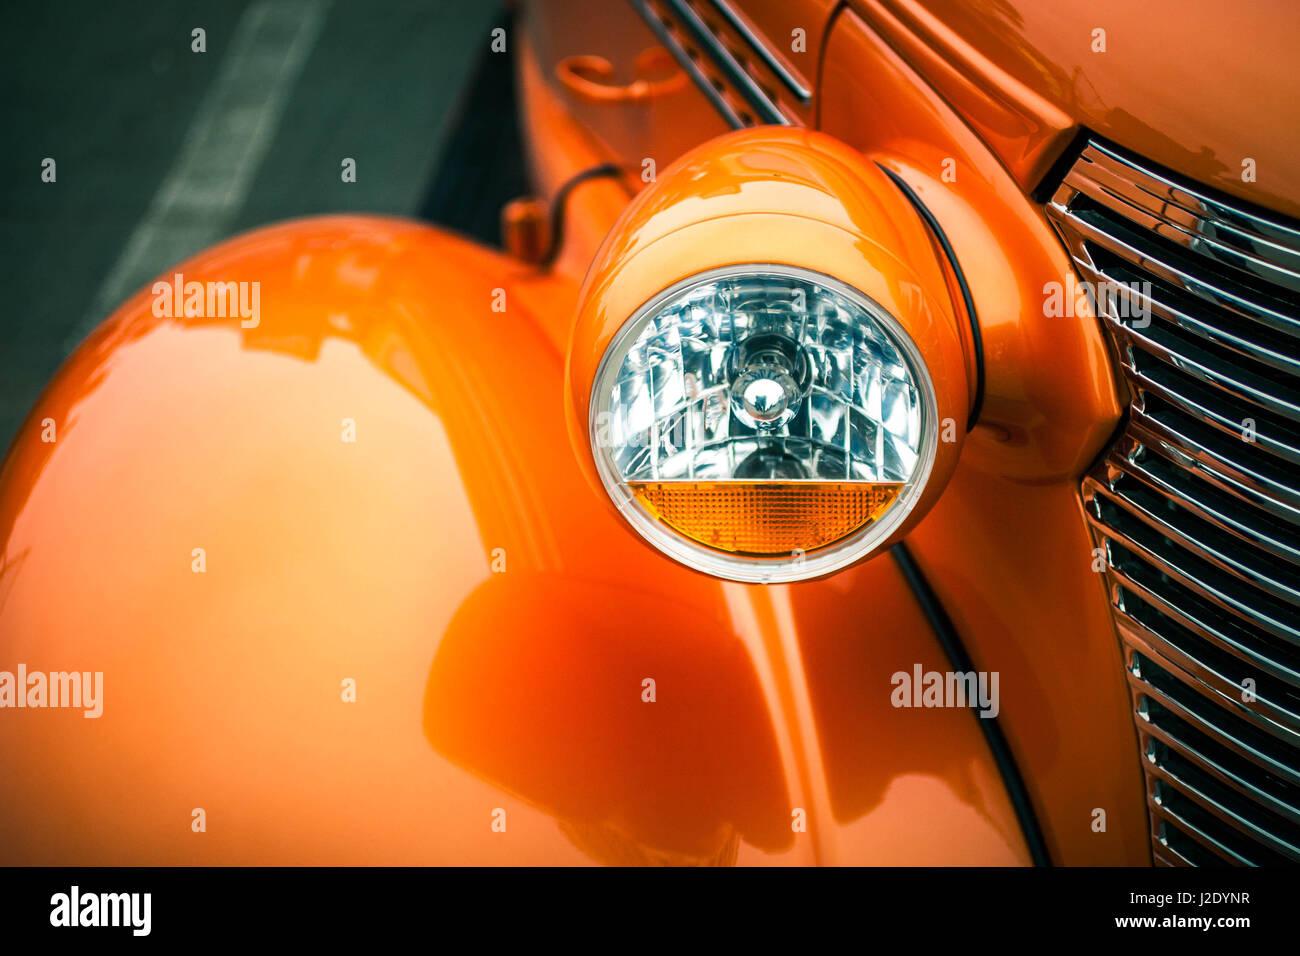 OrangeLight6618   - Stock Image